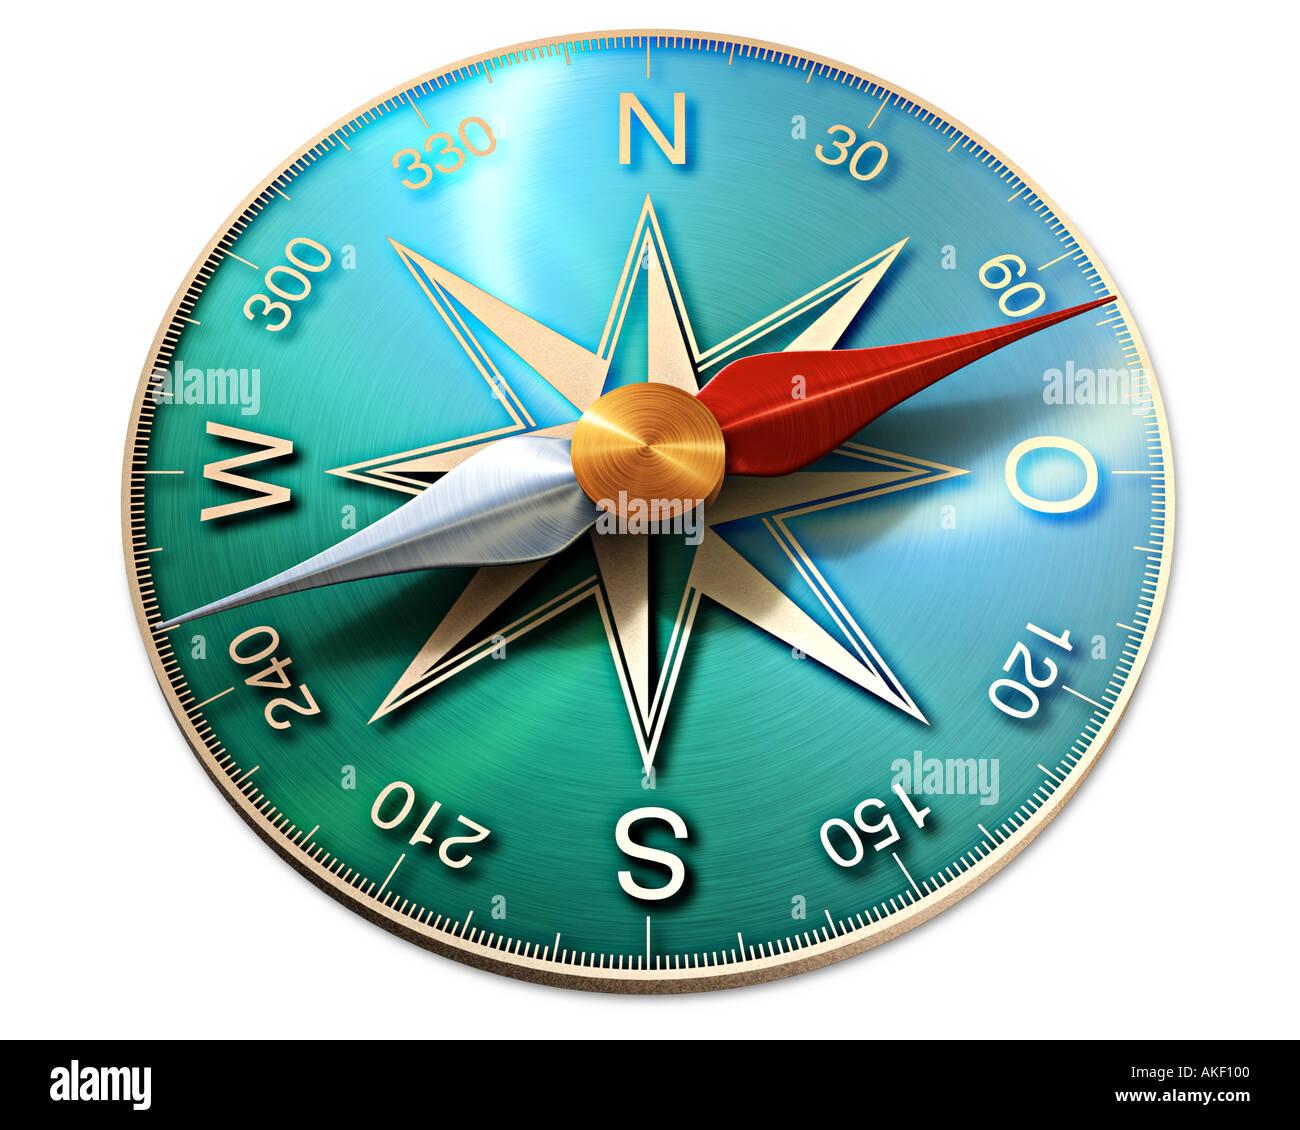 Símbolo de la brújula de la orientación de la dirección mostrando el camino hacia el futuro Imagen De Stock